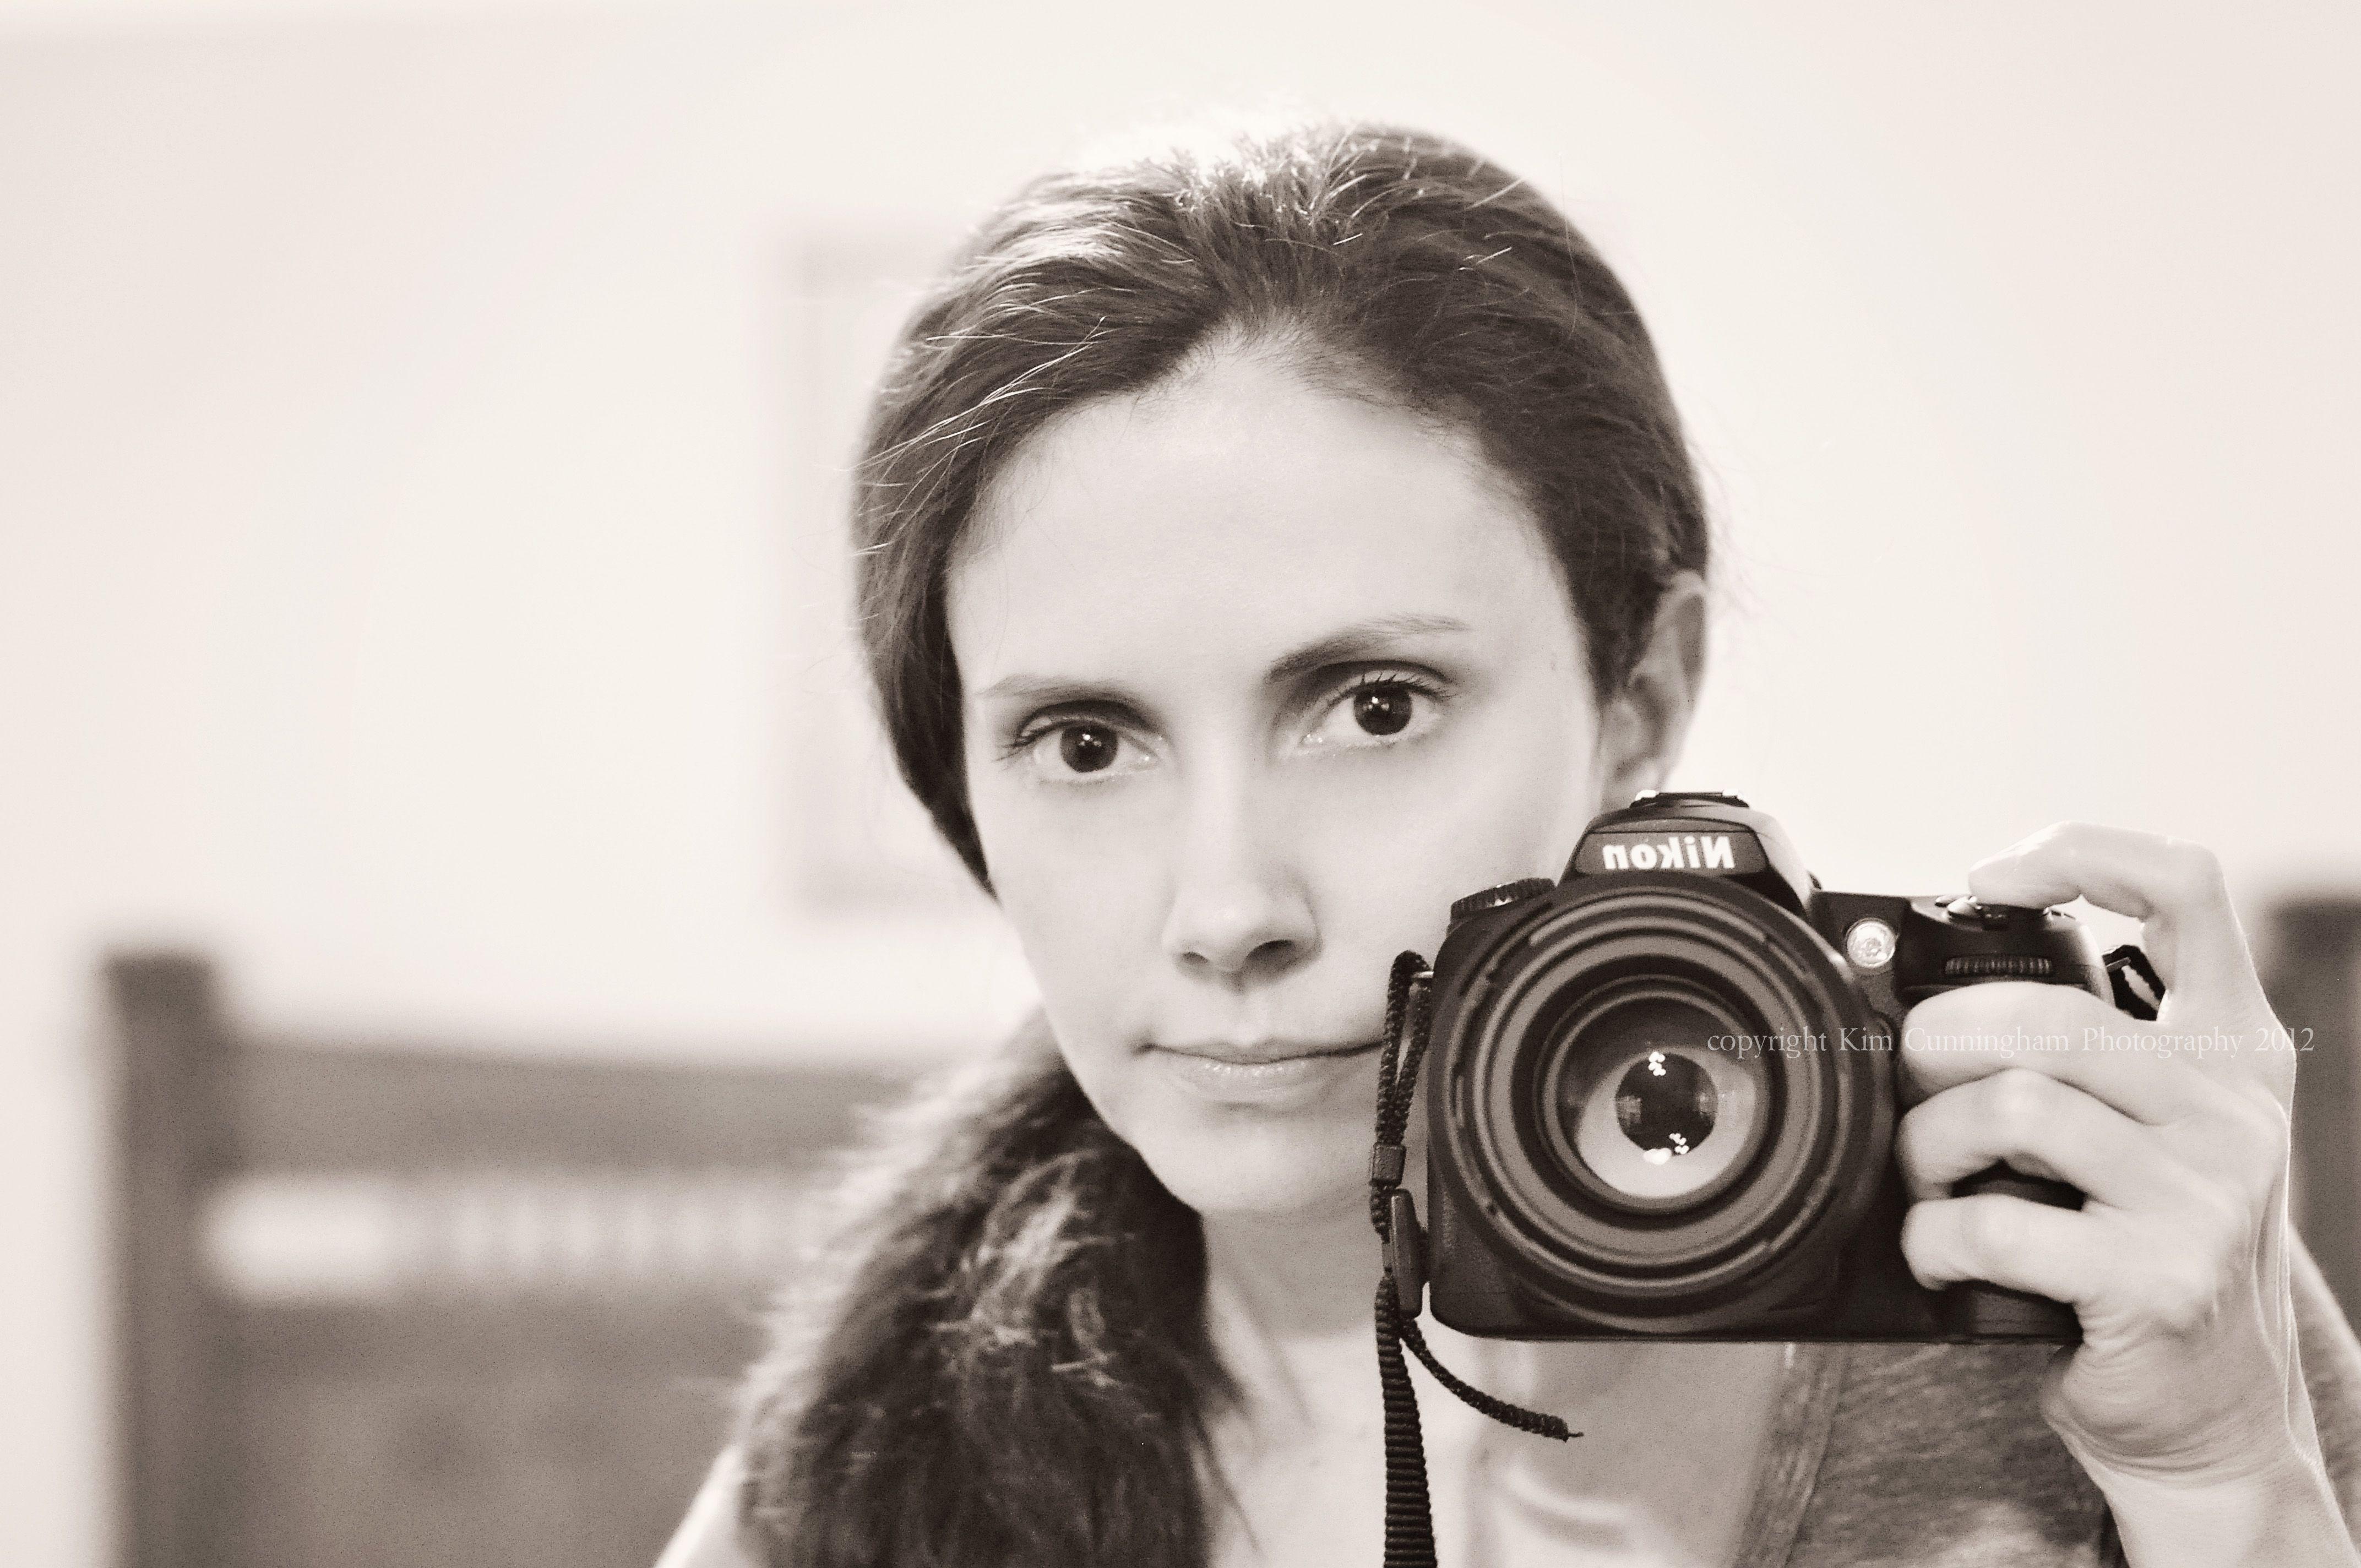 Pin by Asoka Edussooriya on Portrait (With images